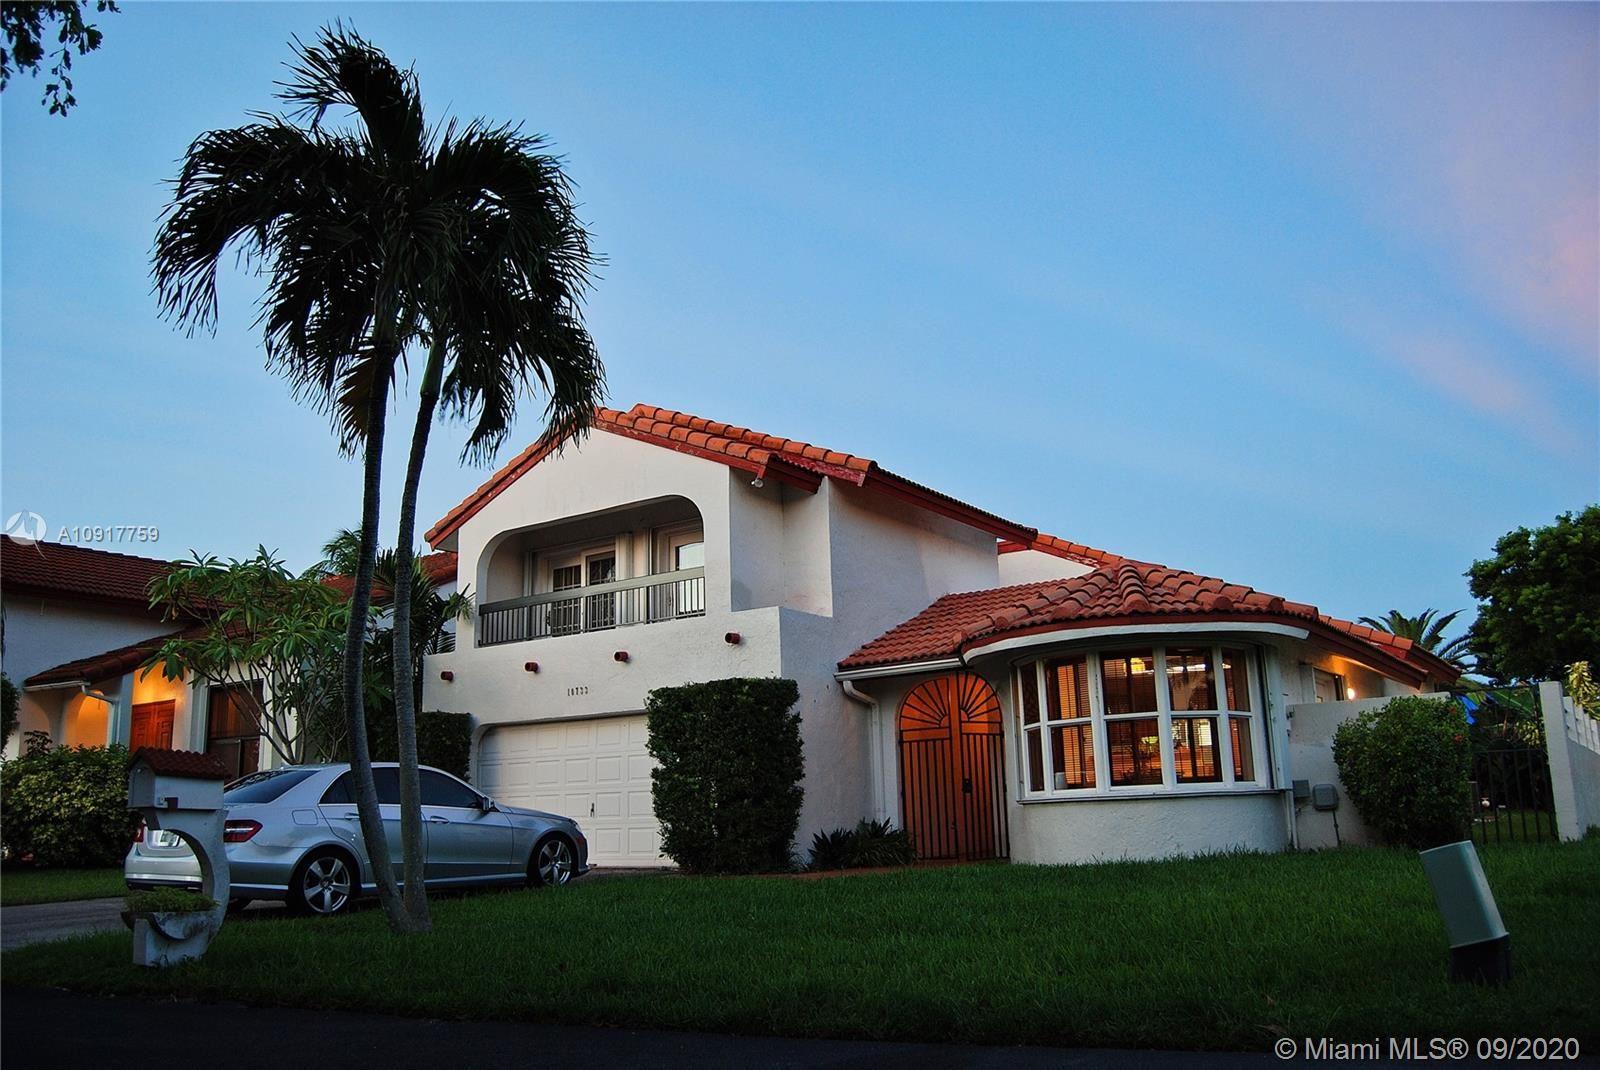 10733 SW 118th Pl, Miami, FL 33186 - #: A10917759